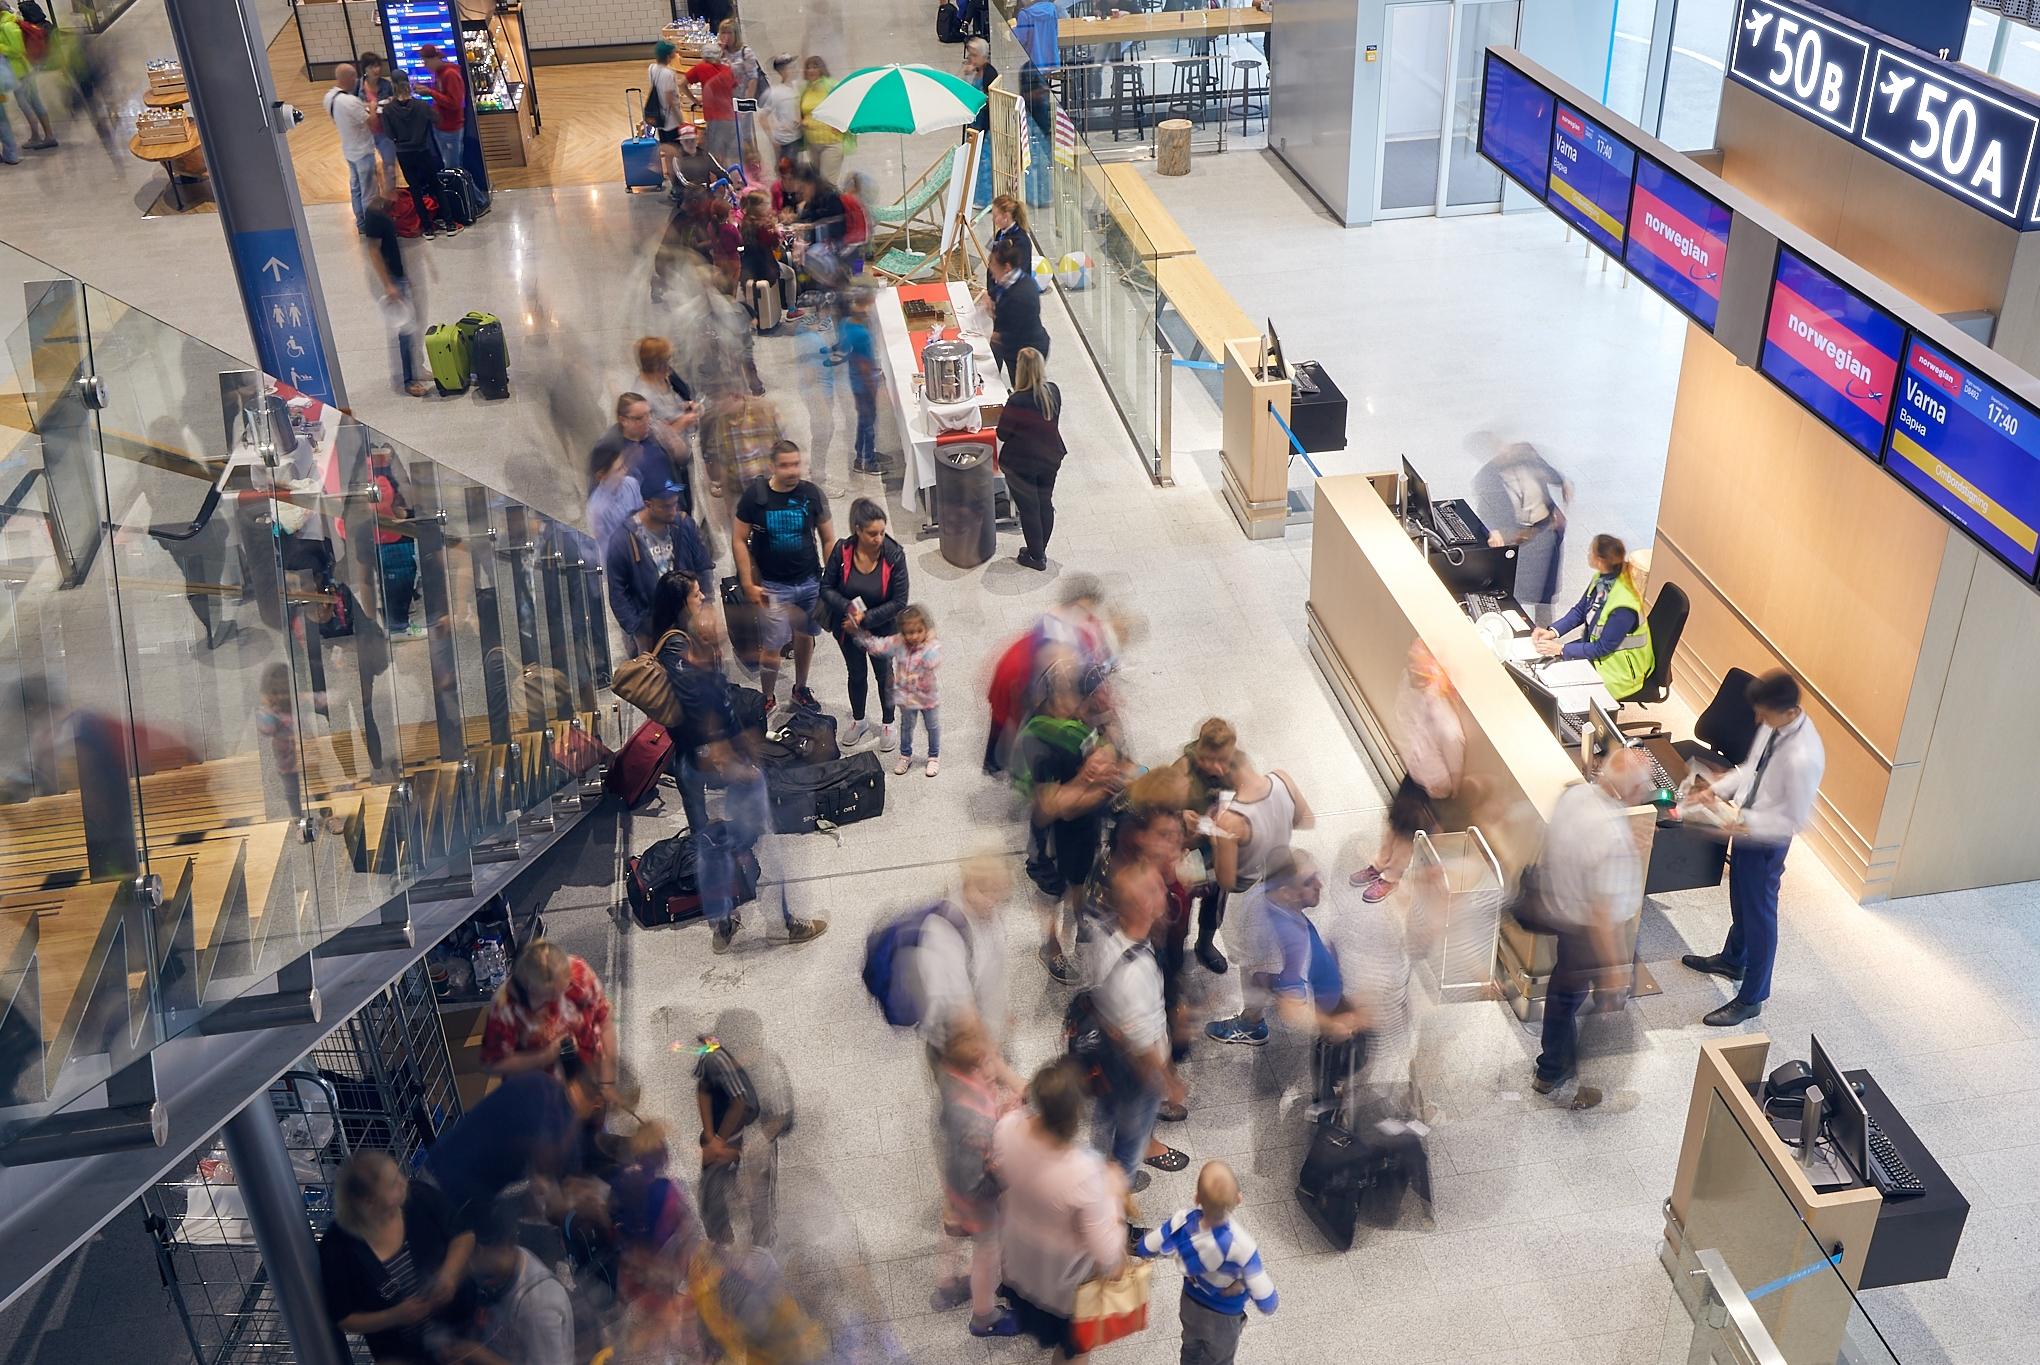 Det største reservationssystem i Norden, Amadeus, er klar til nyt partnerskab med australske Flight Centre Travel Group. Arkivfoto.